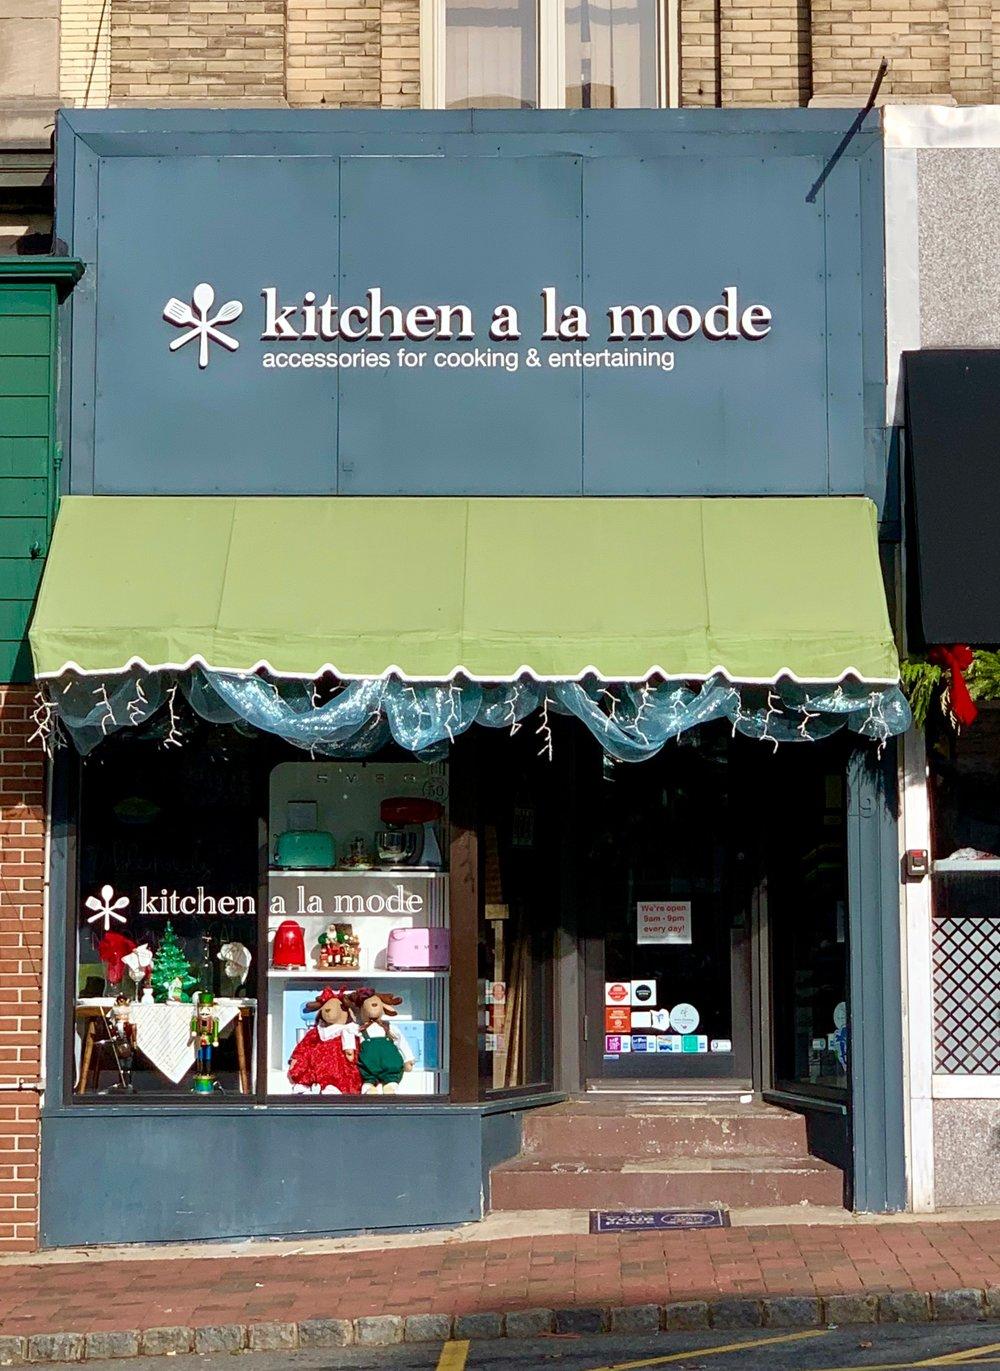 Kitchen A La Mode, 19 South Orange Ave, South Orange, NJ